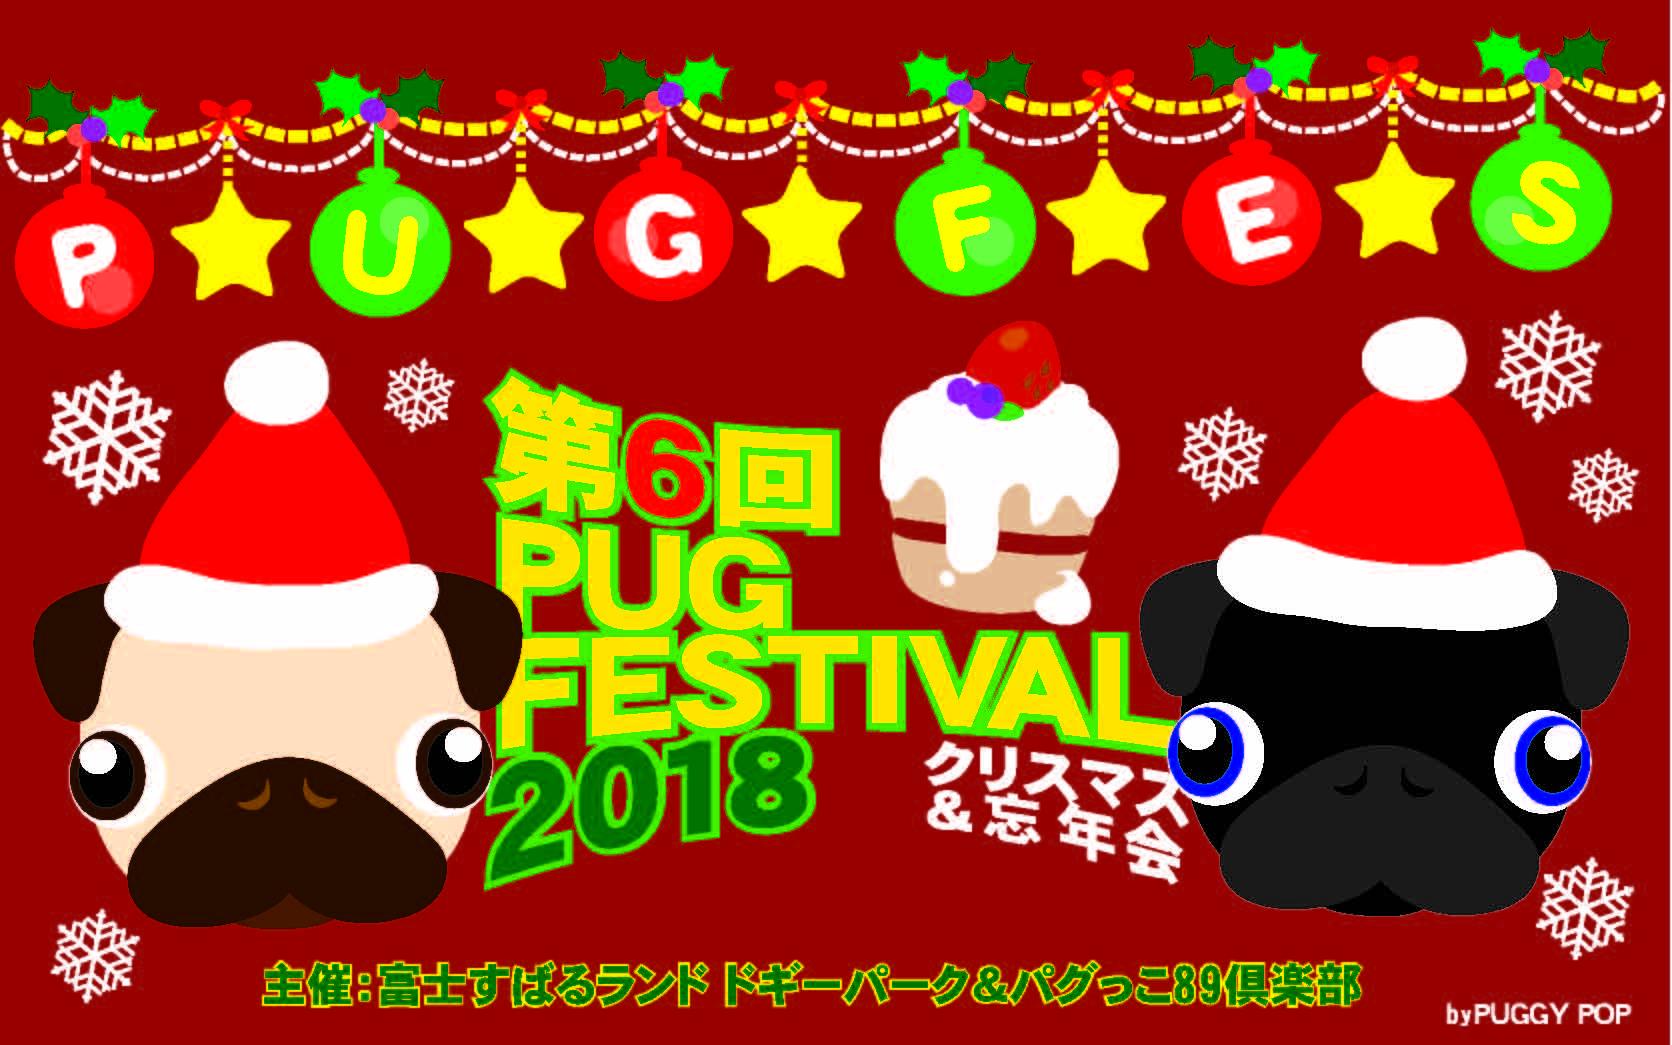 パグフェス2018クリスマス